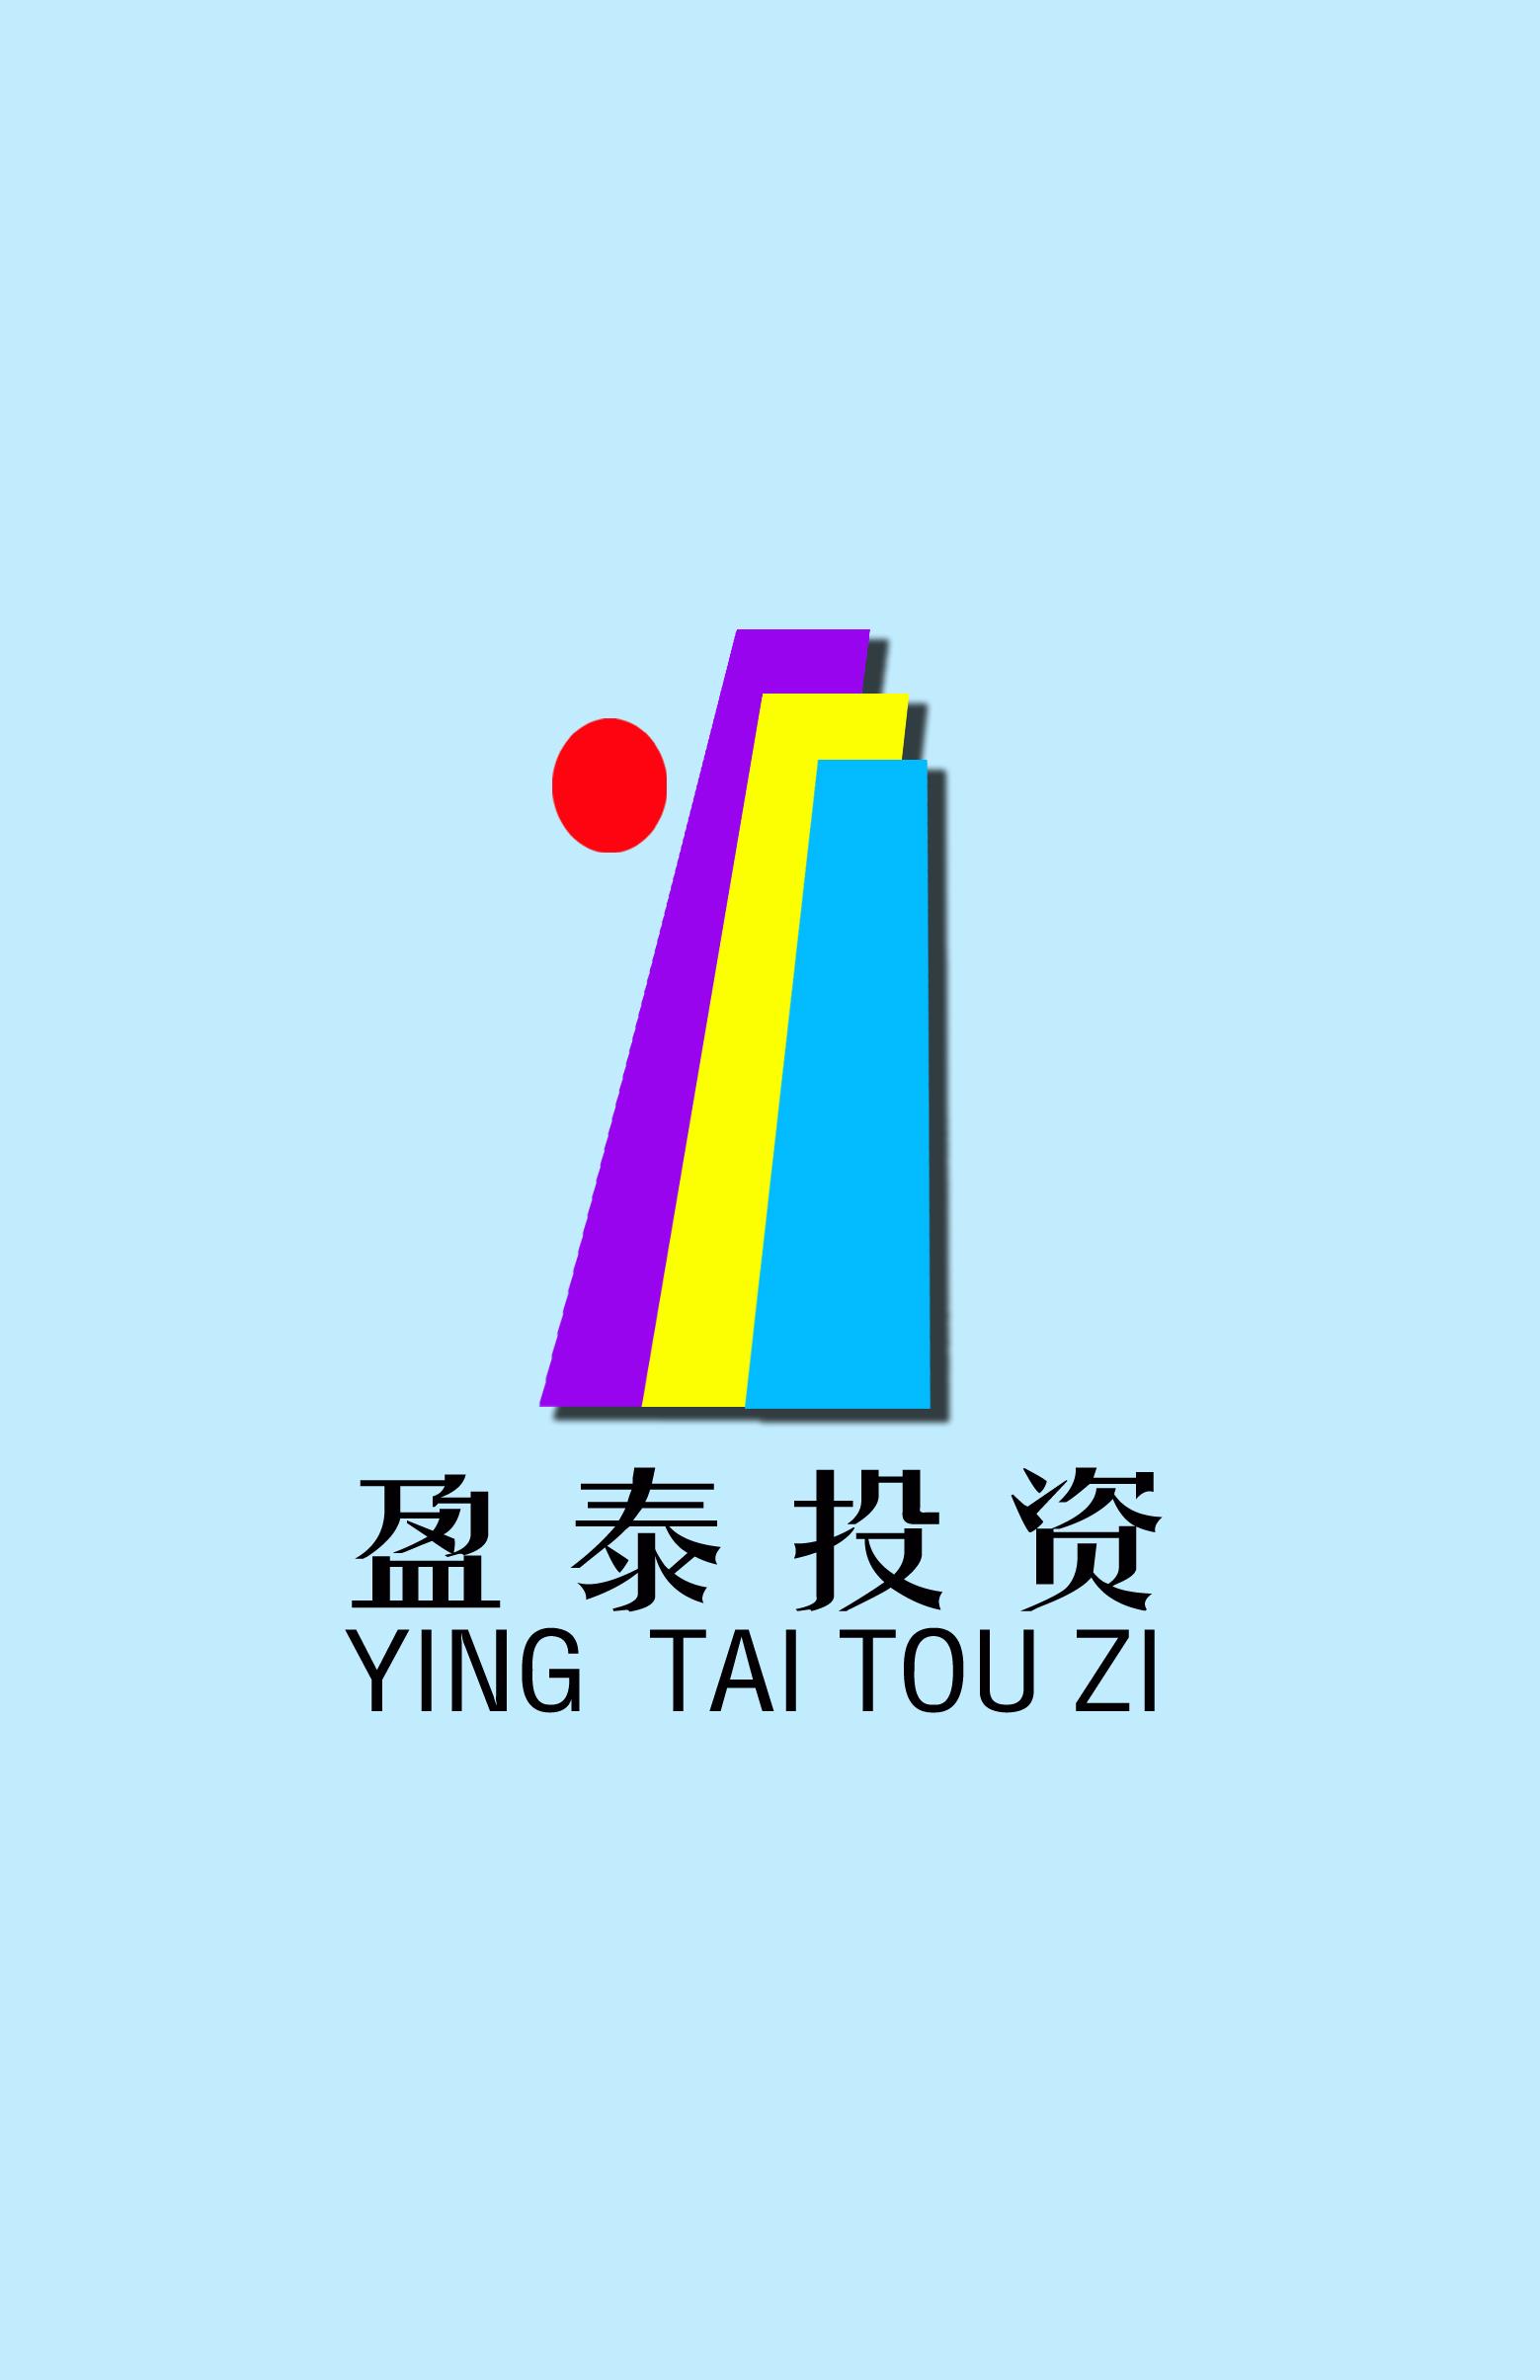 **盈泰投资有限公司logo征集**(延7天)_1477943_k68威客网